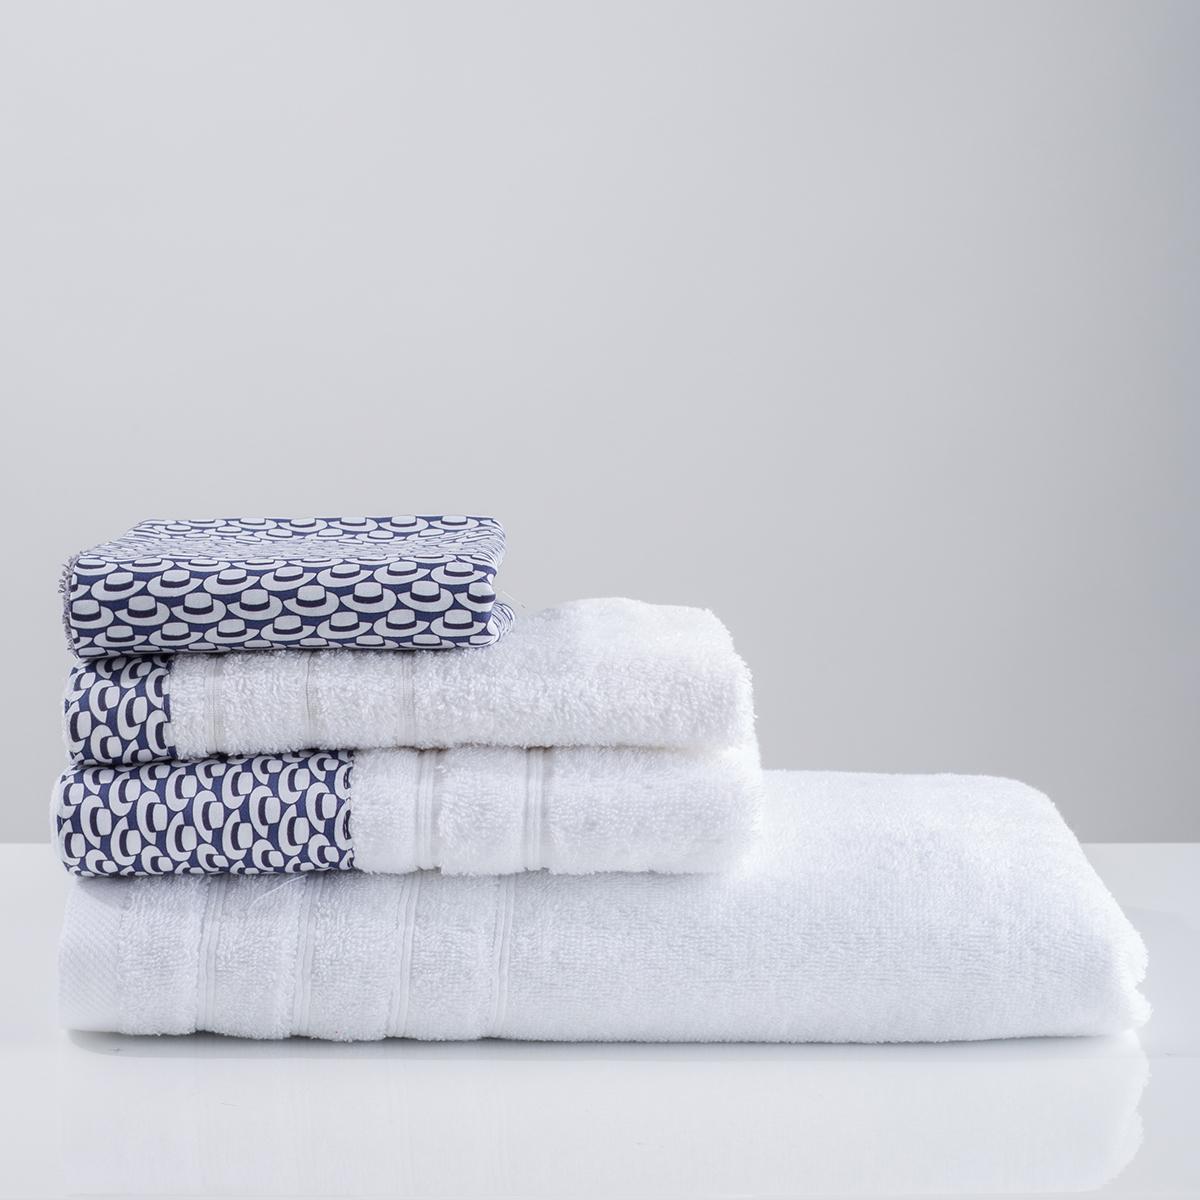 Πετσέτες Μπάνιου (Σετ 3τμχ) White Fabric Telendo White